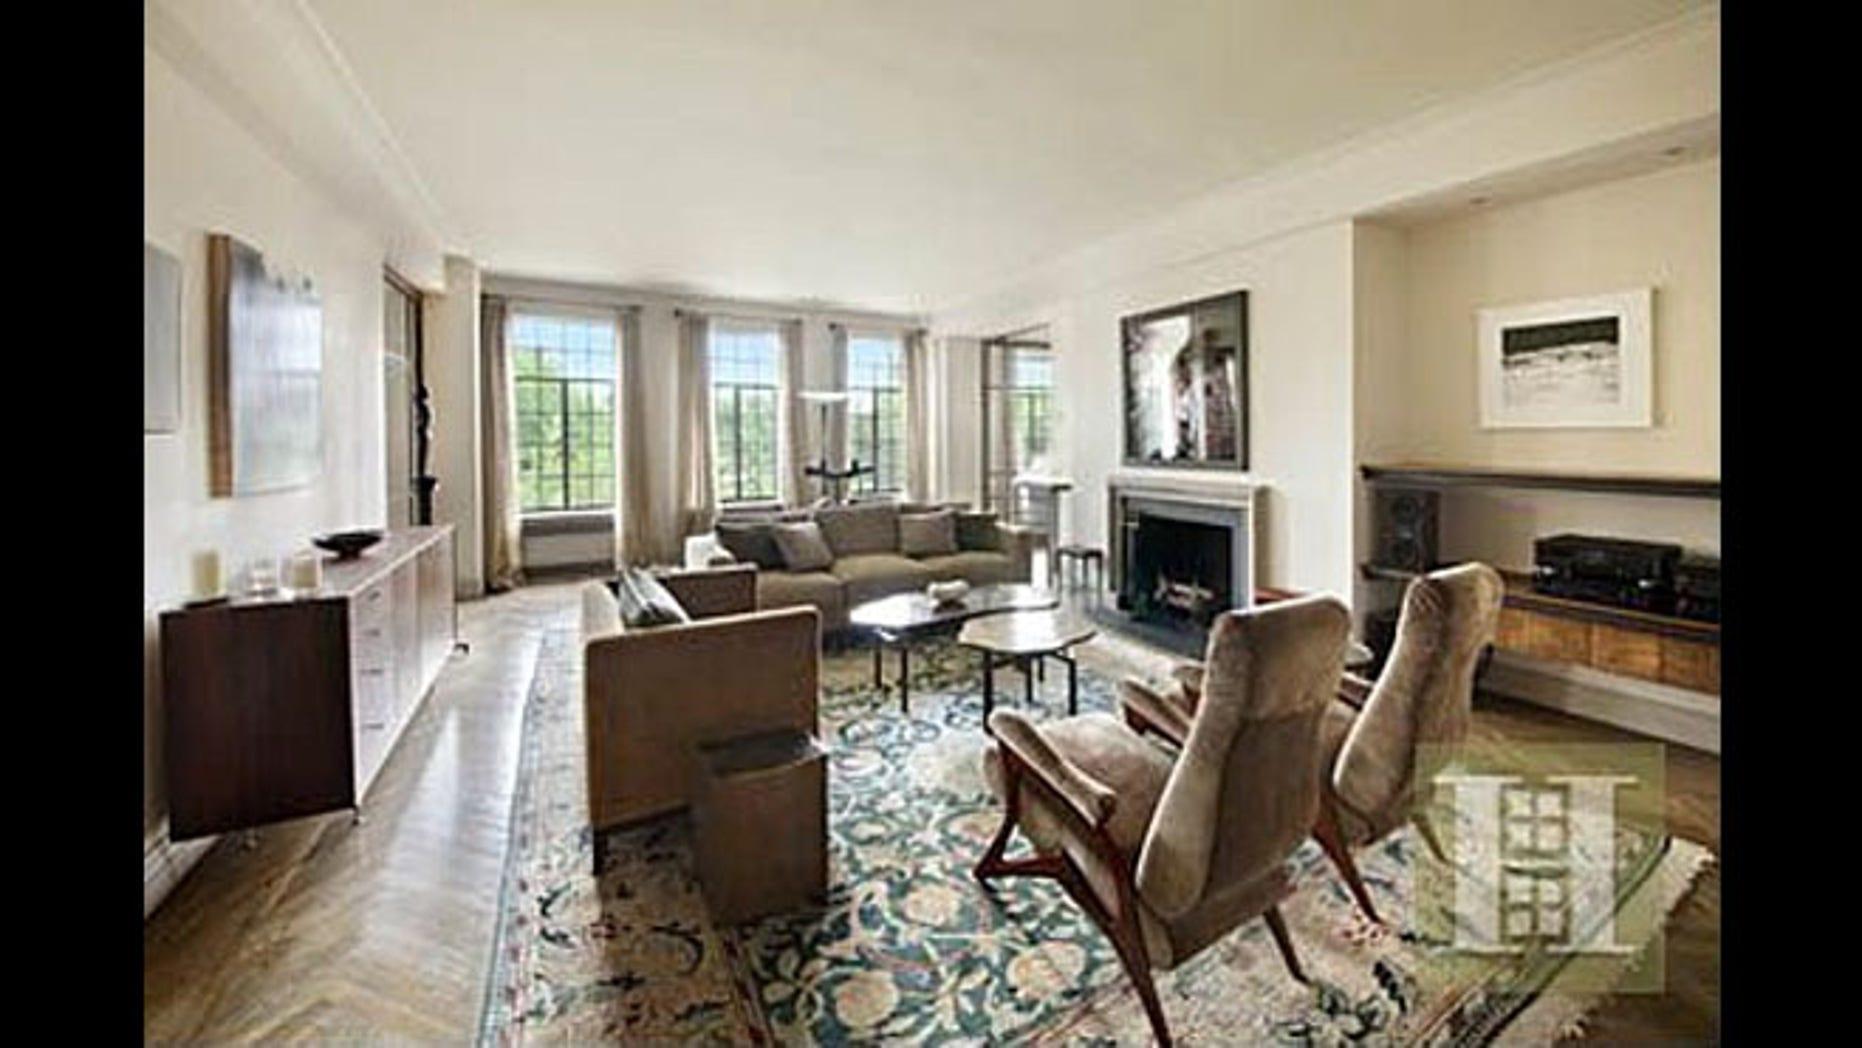 Bruce Willis' apartment